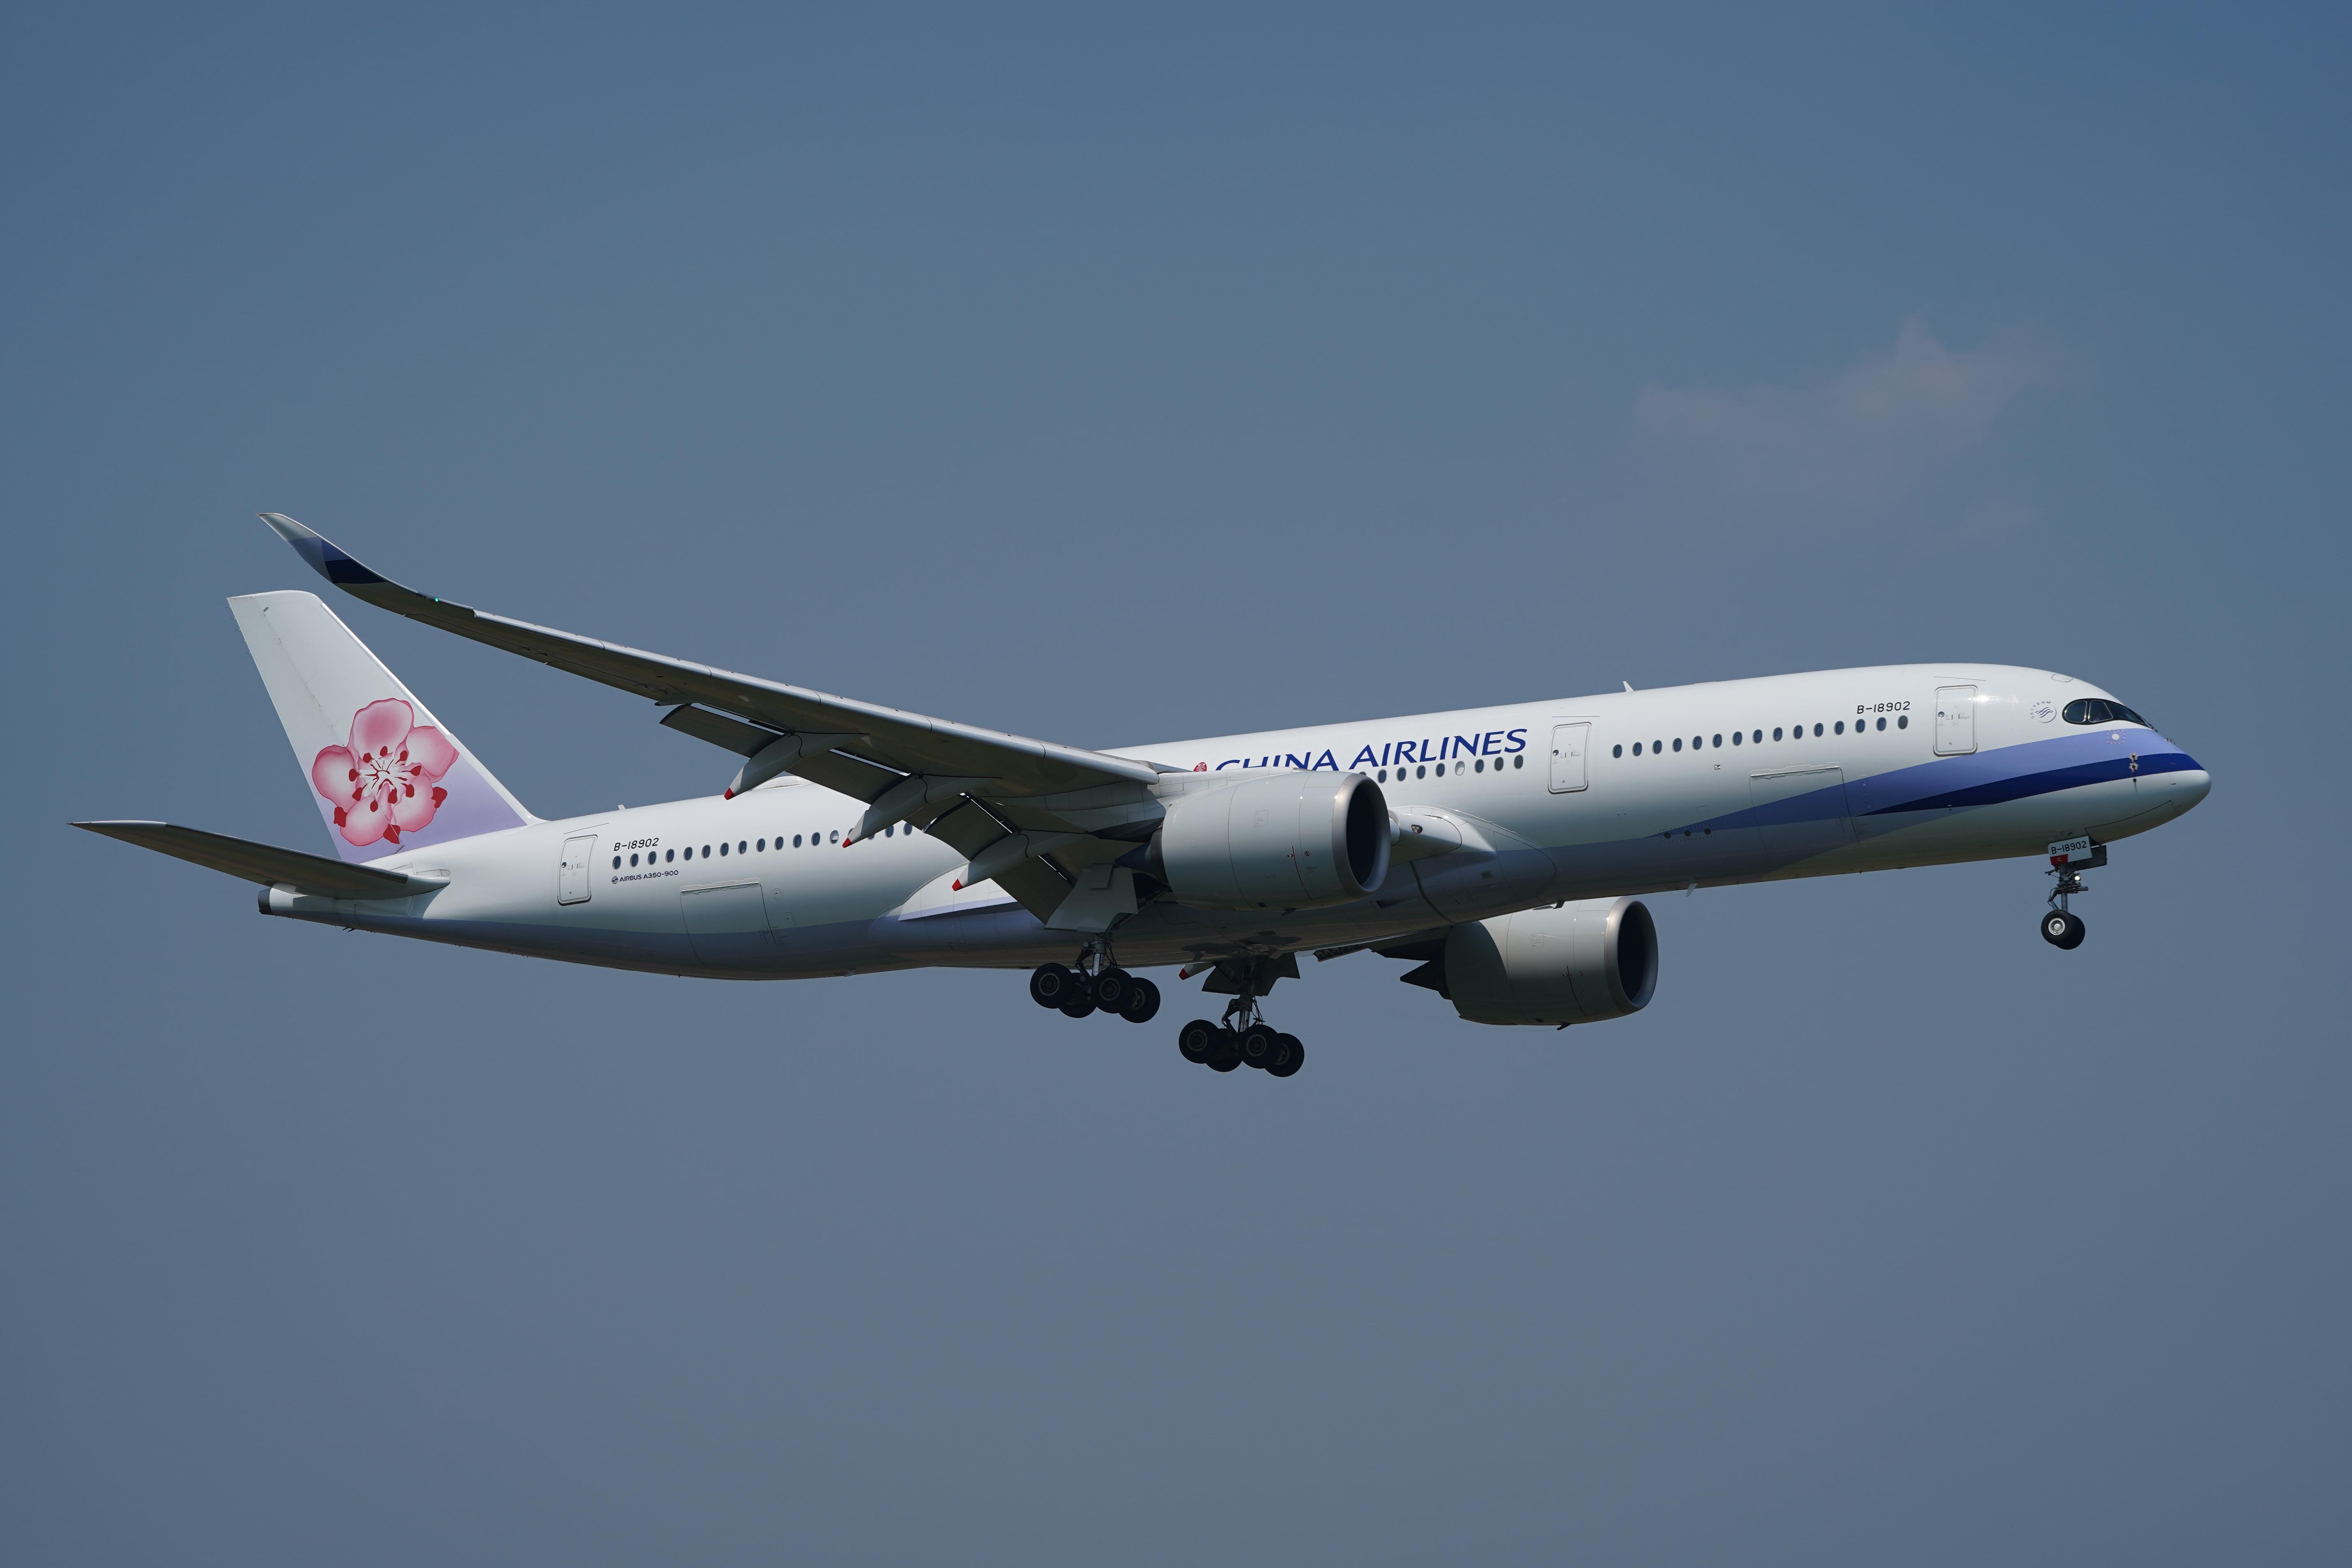 チャイナエアライン A350-900 B-18902